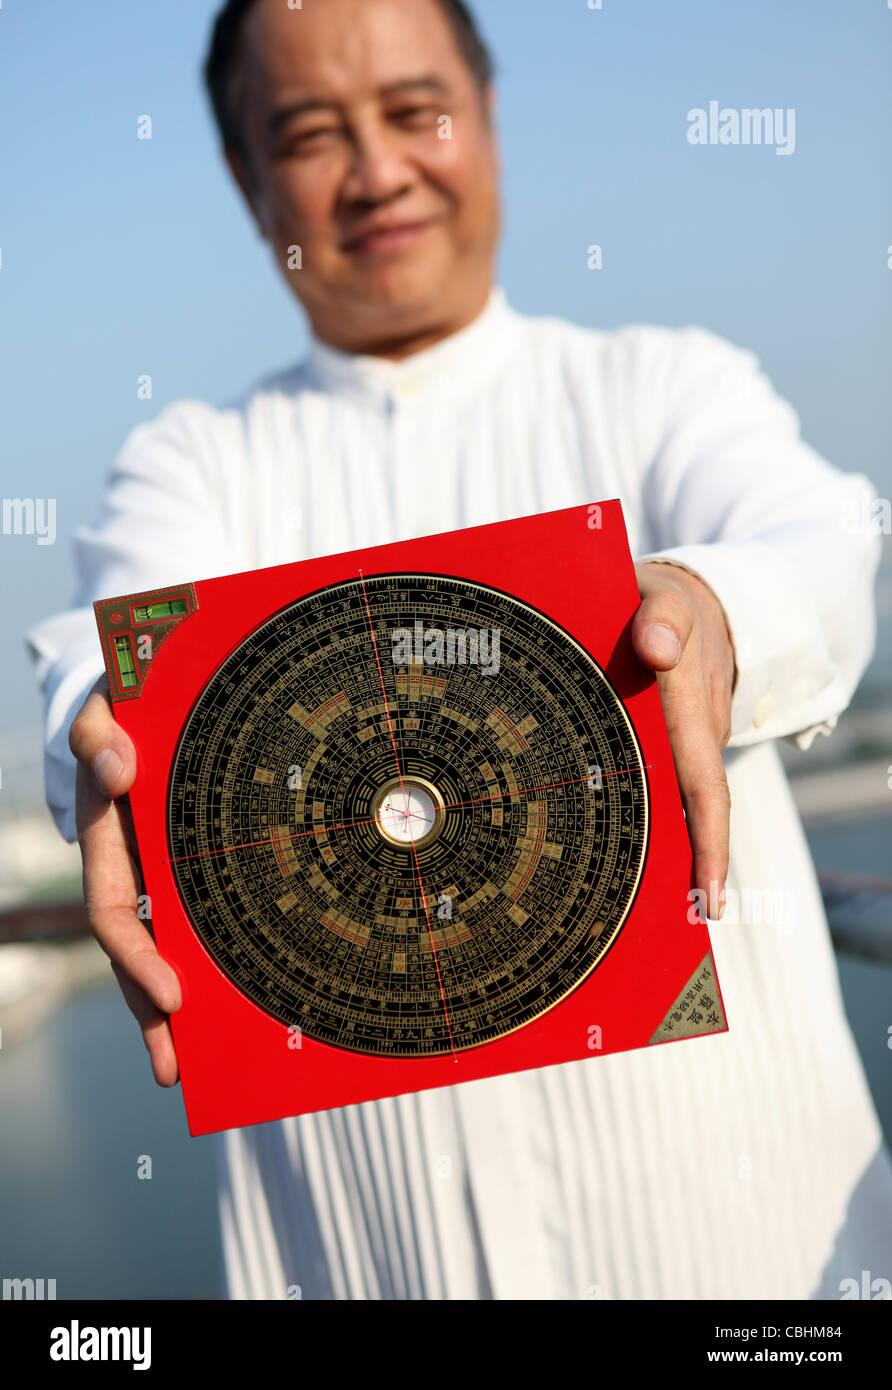 Feng Shui Master feng shui compass stock photos feng shui compass stock images alamy